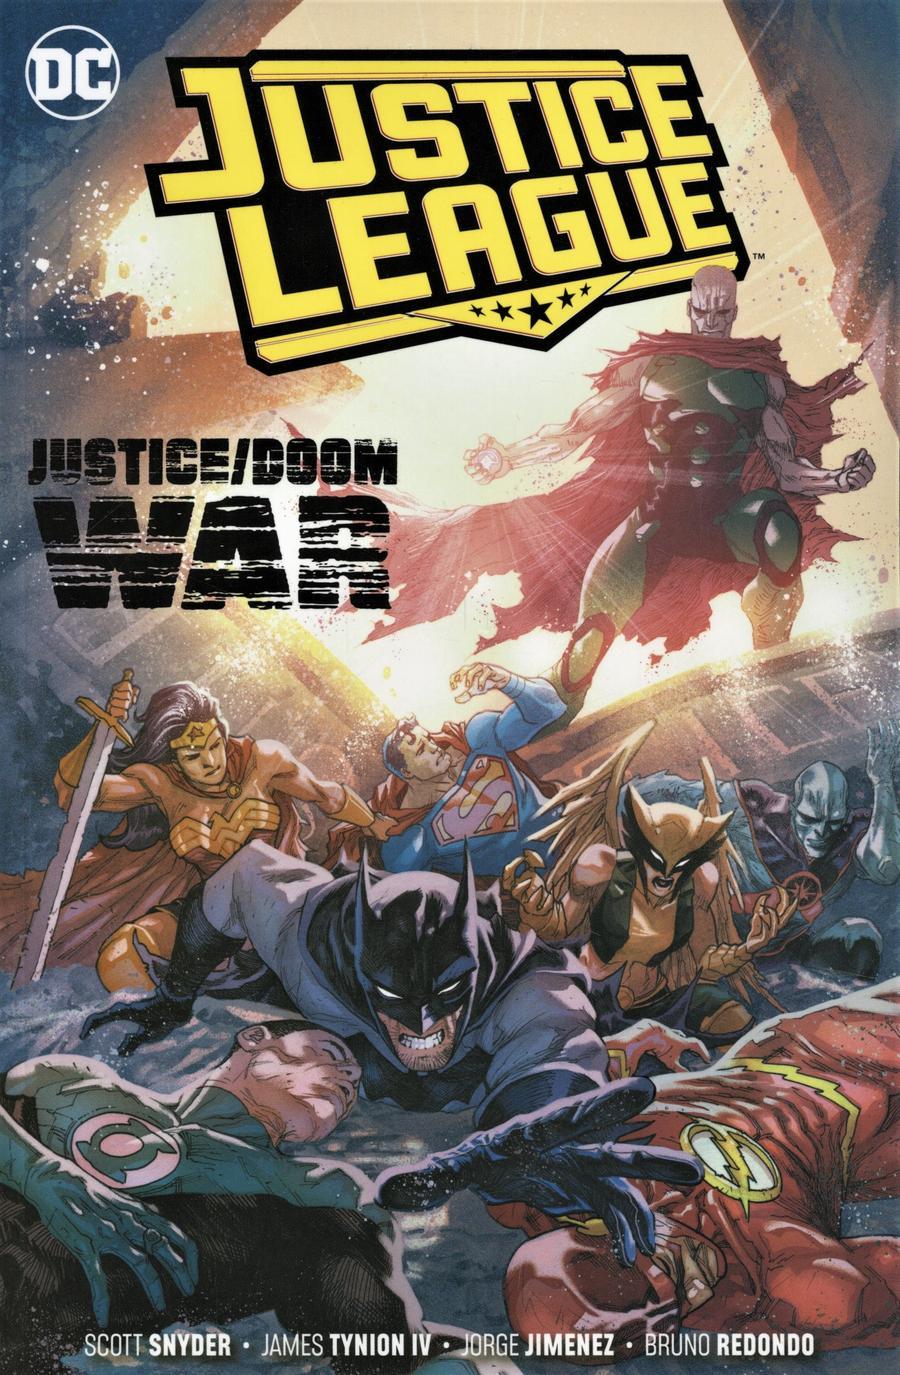 Justice League (2018) Vol 5 Justice Doom War TP